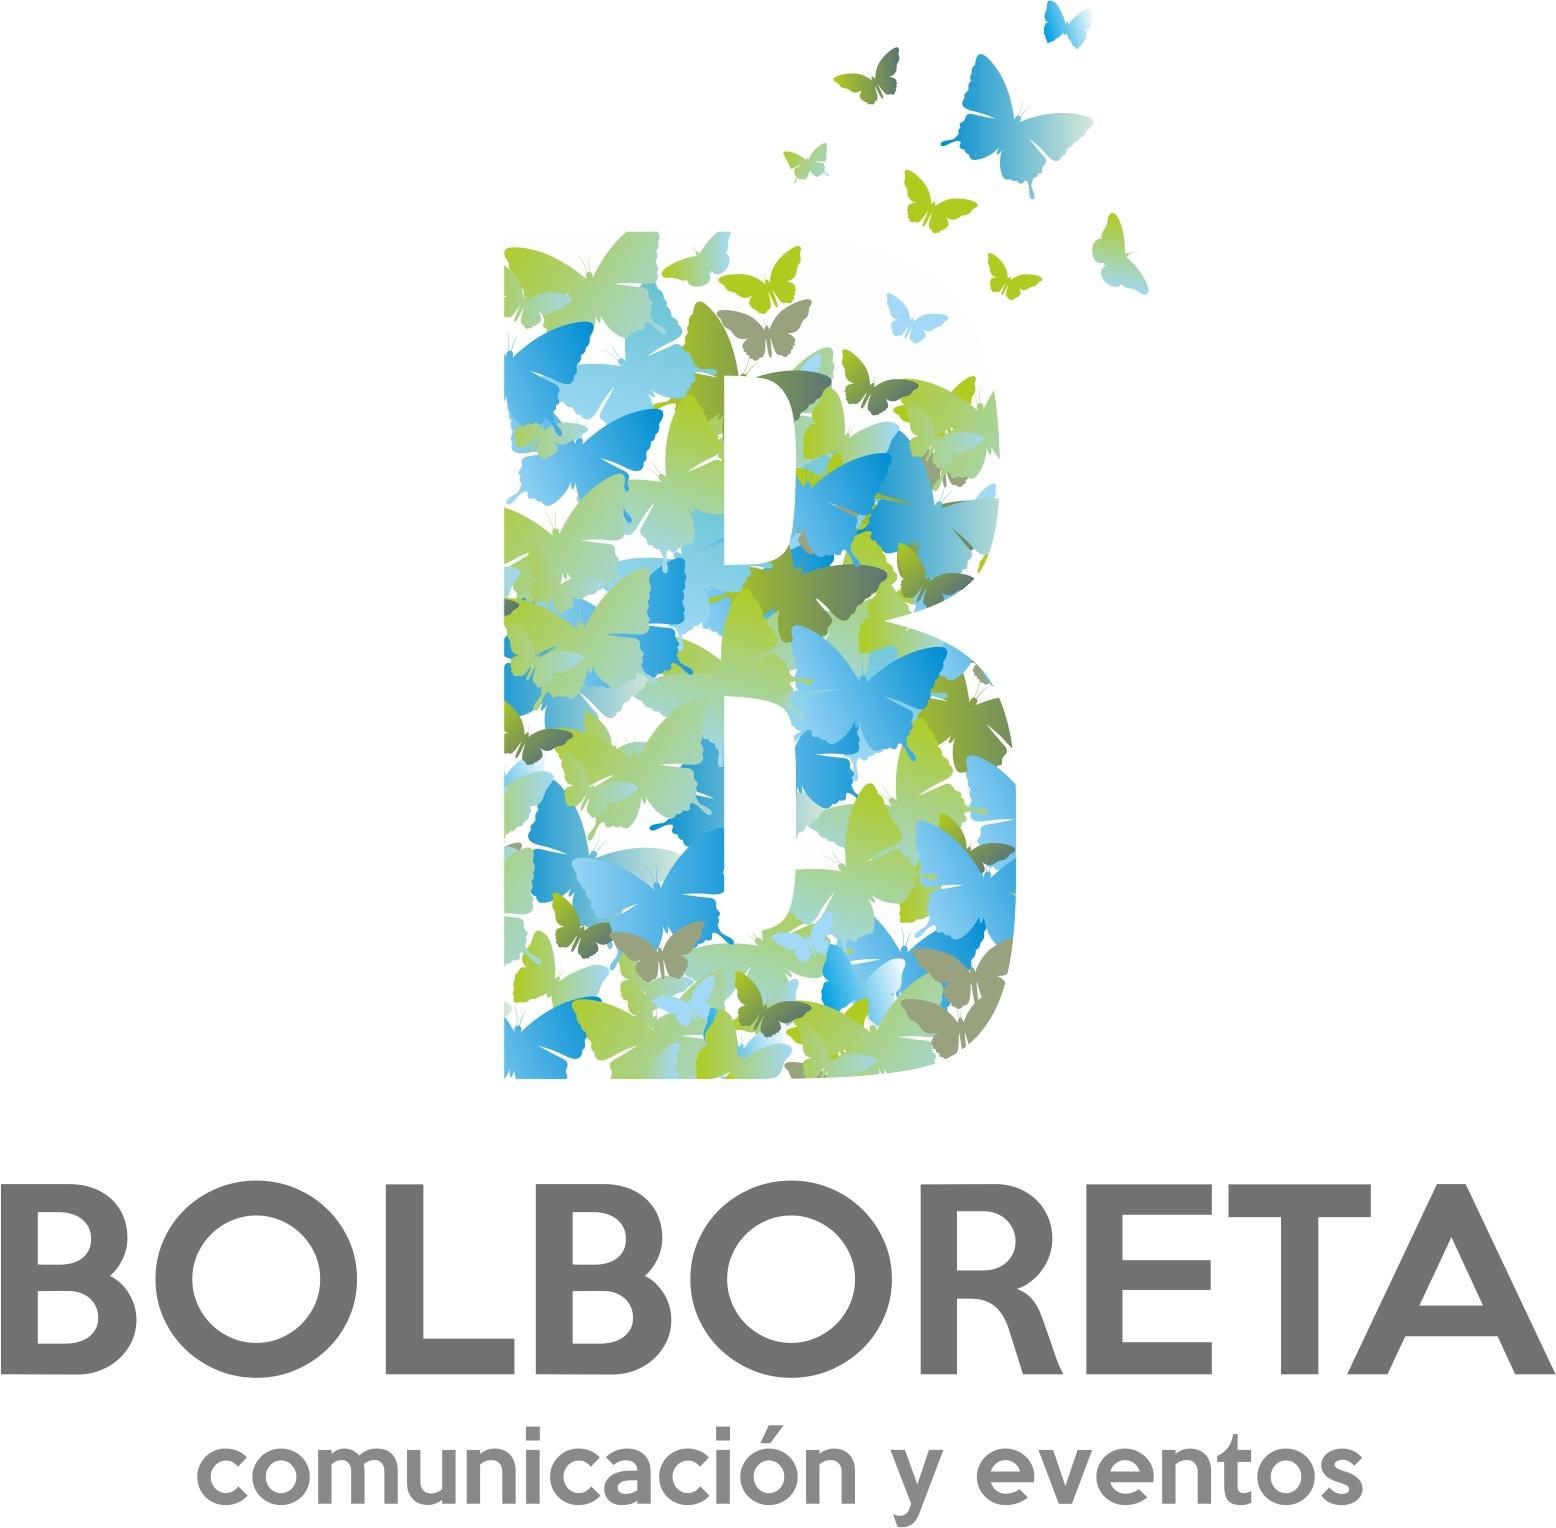 BOLBORETA COMUNICACIÓN Y EVENTOS